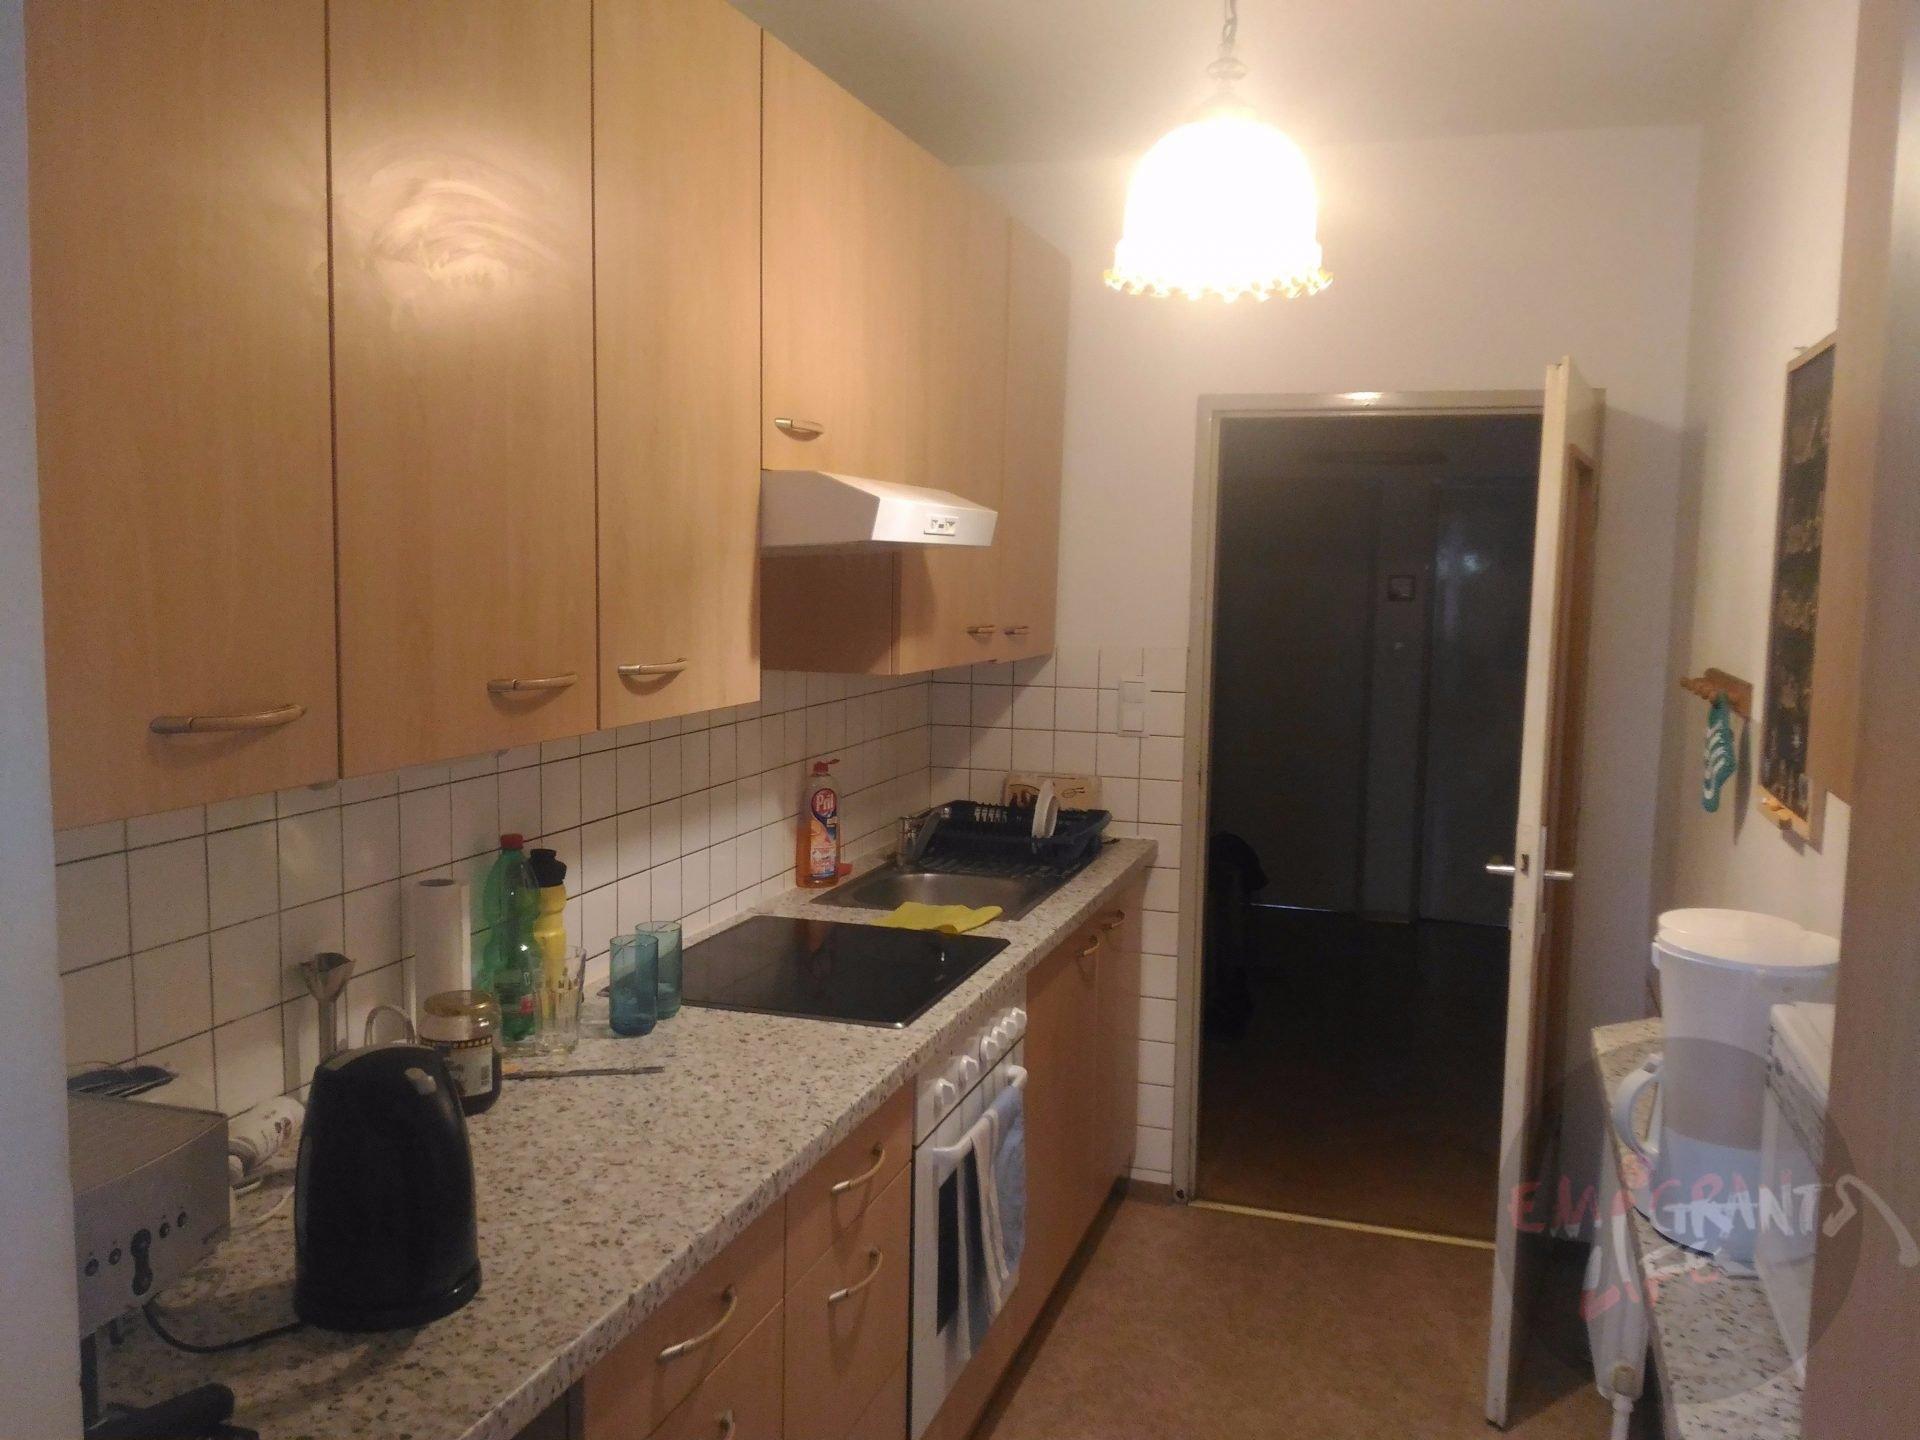 Кухня. Общая для жильцов всех комнат